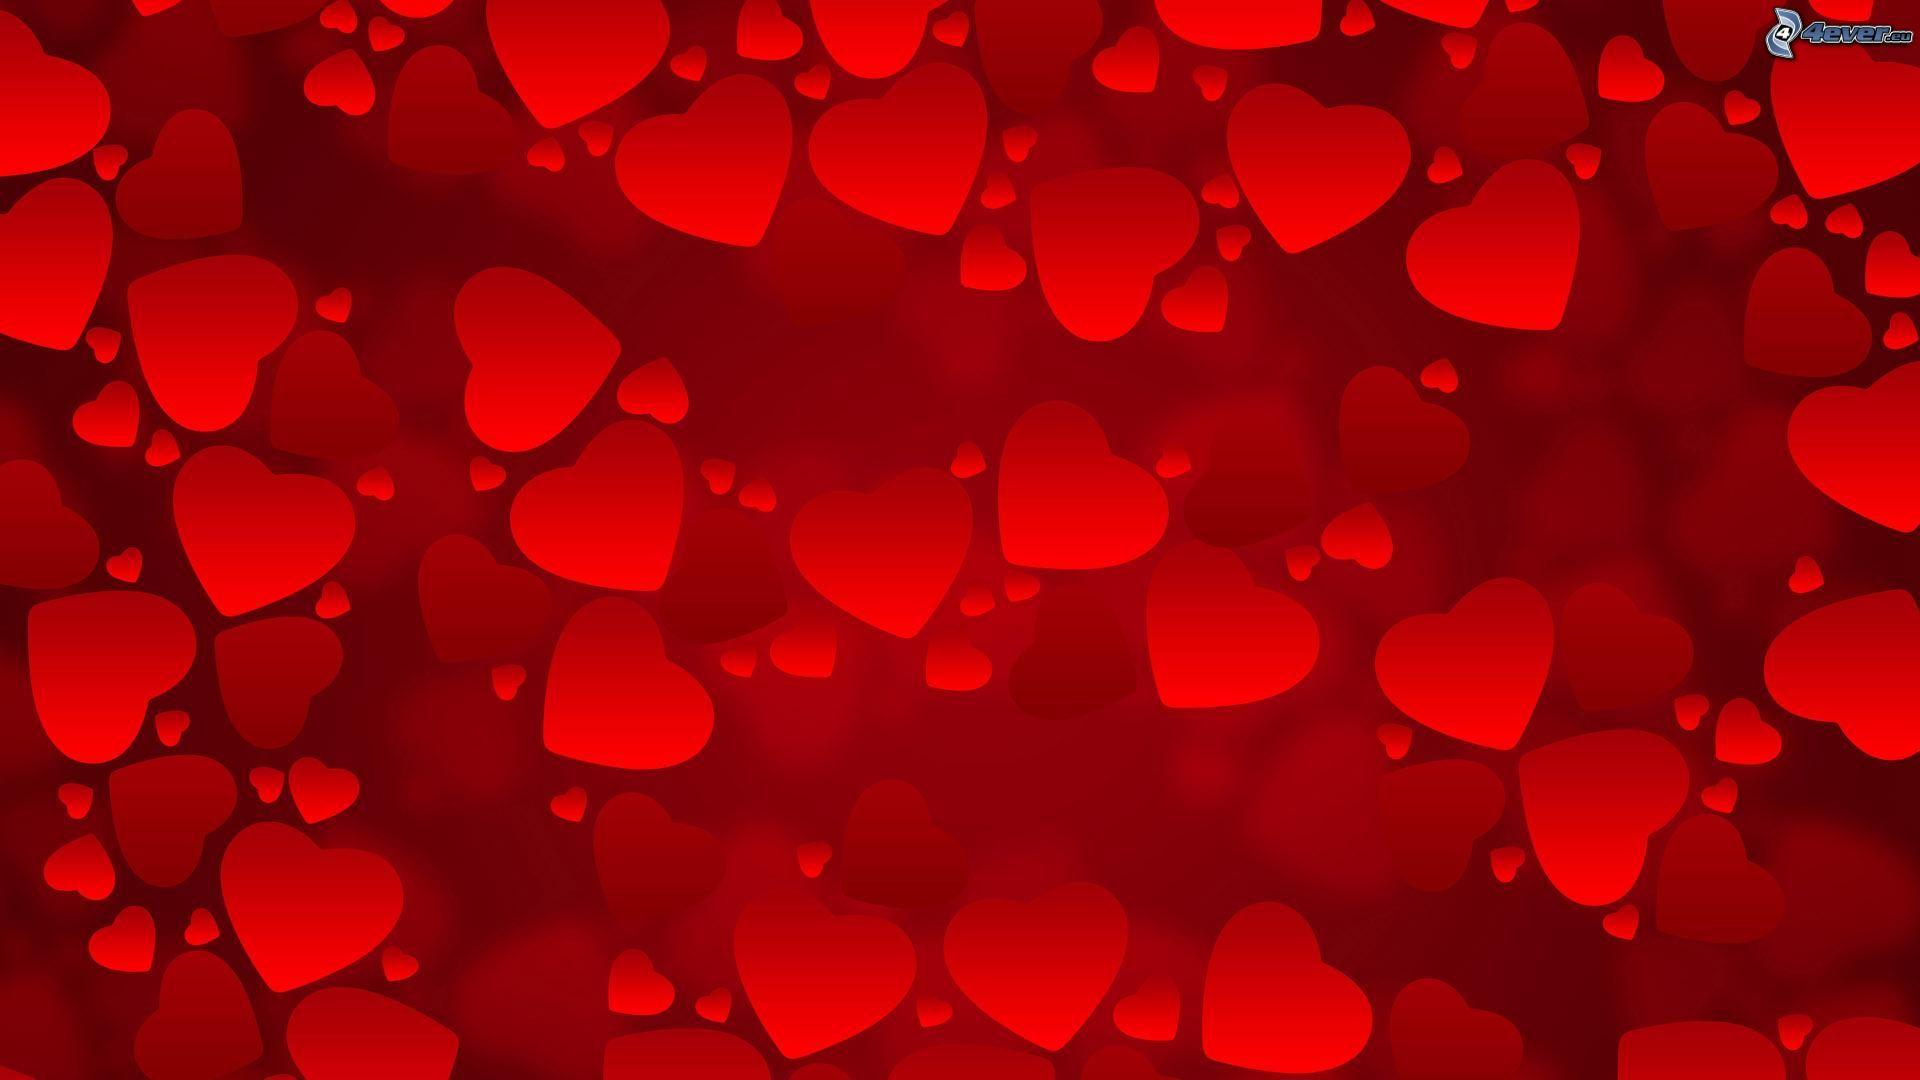 Cuori valentino rossi for Immagini di cuori rossi